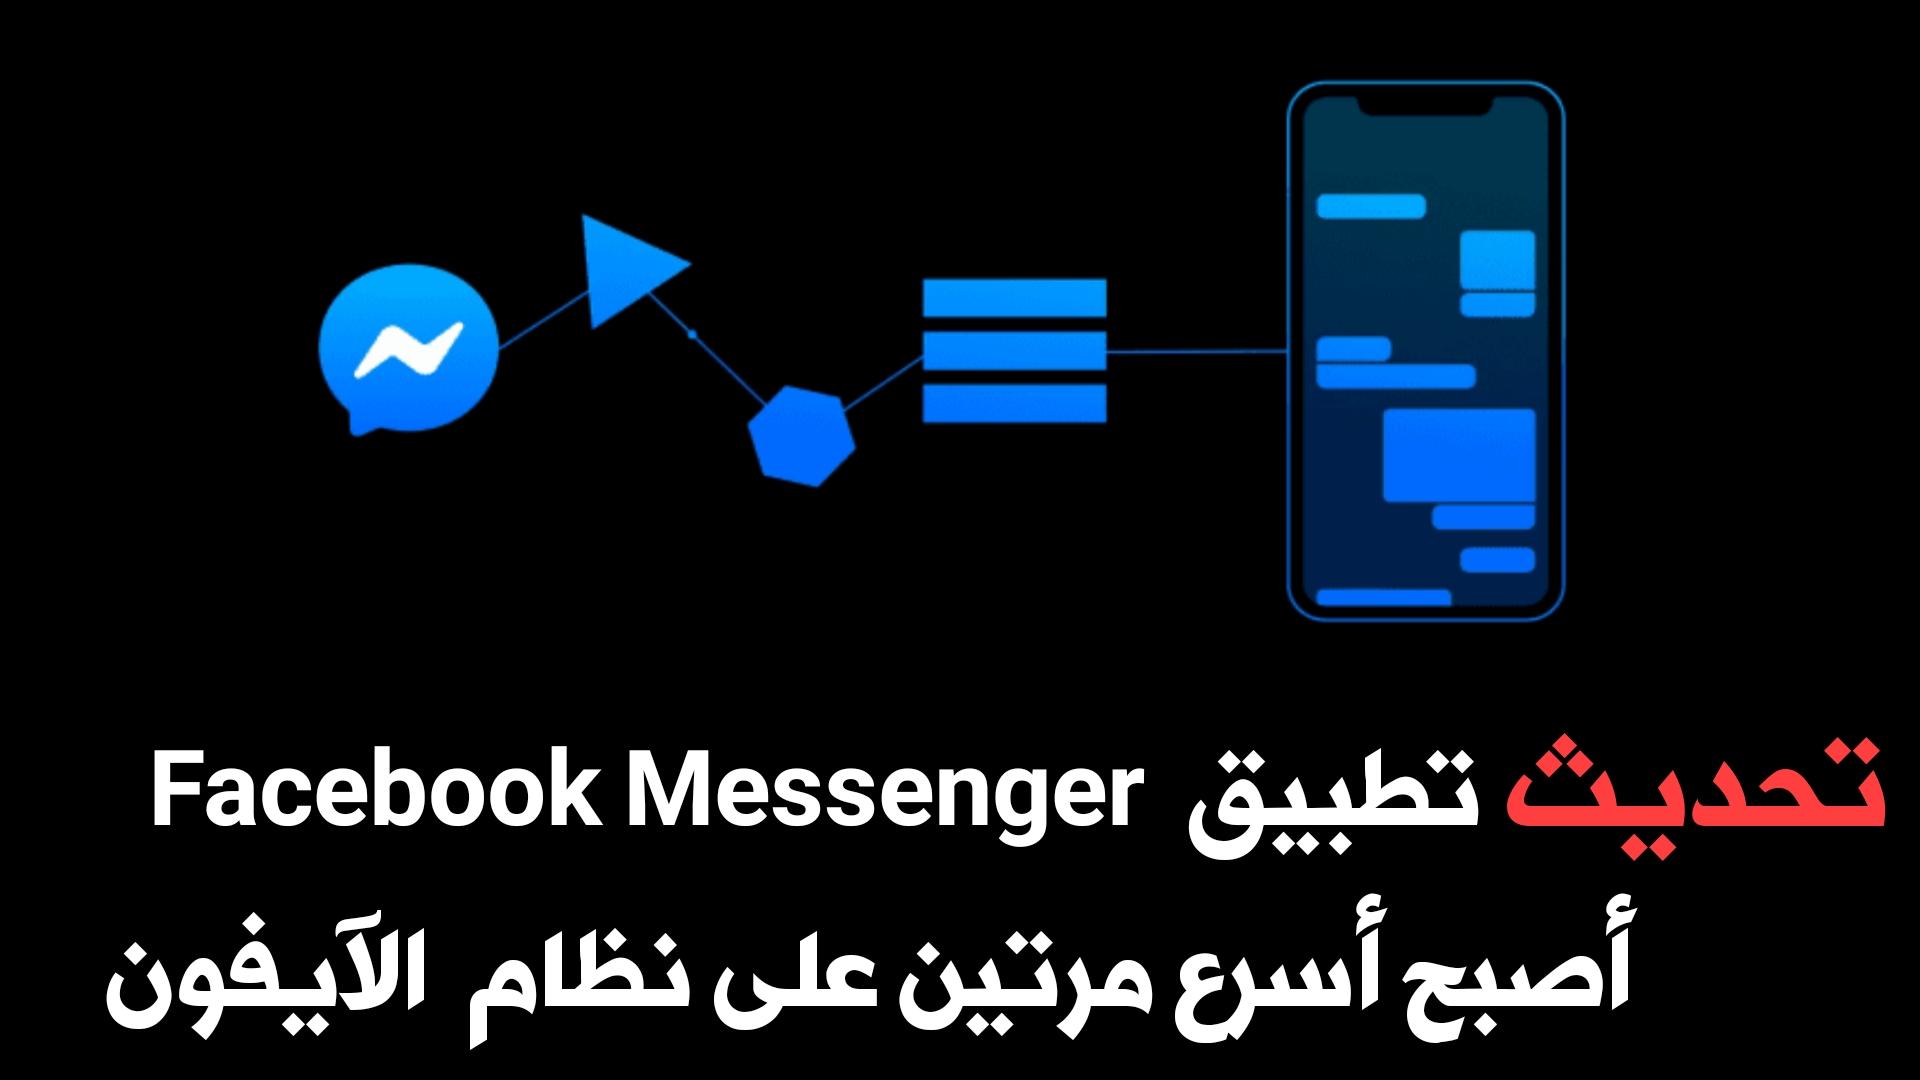 تحديث جديد لتطبيق Facebook Messenger على هواتف الآيفون أصبح ألآن أسرع مرتين وبربع الحجم !!!